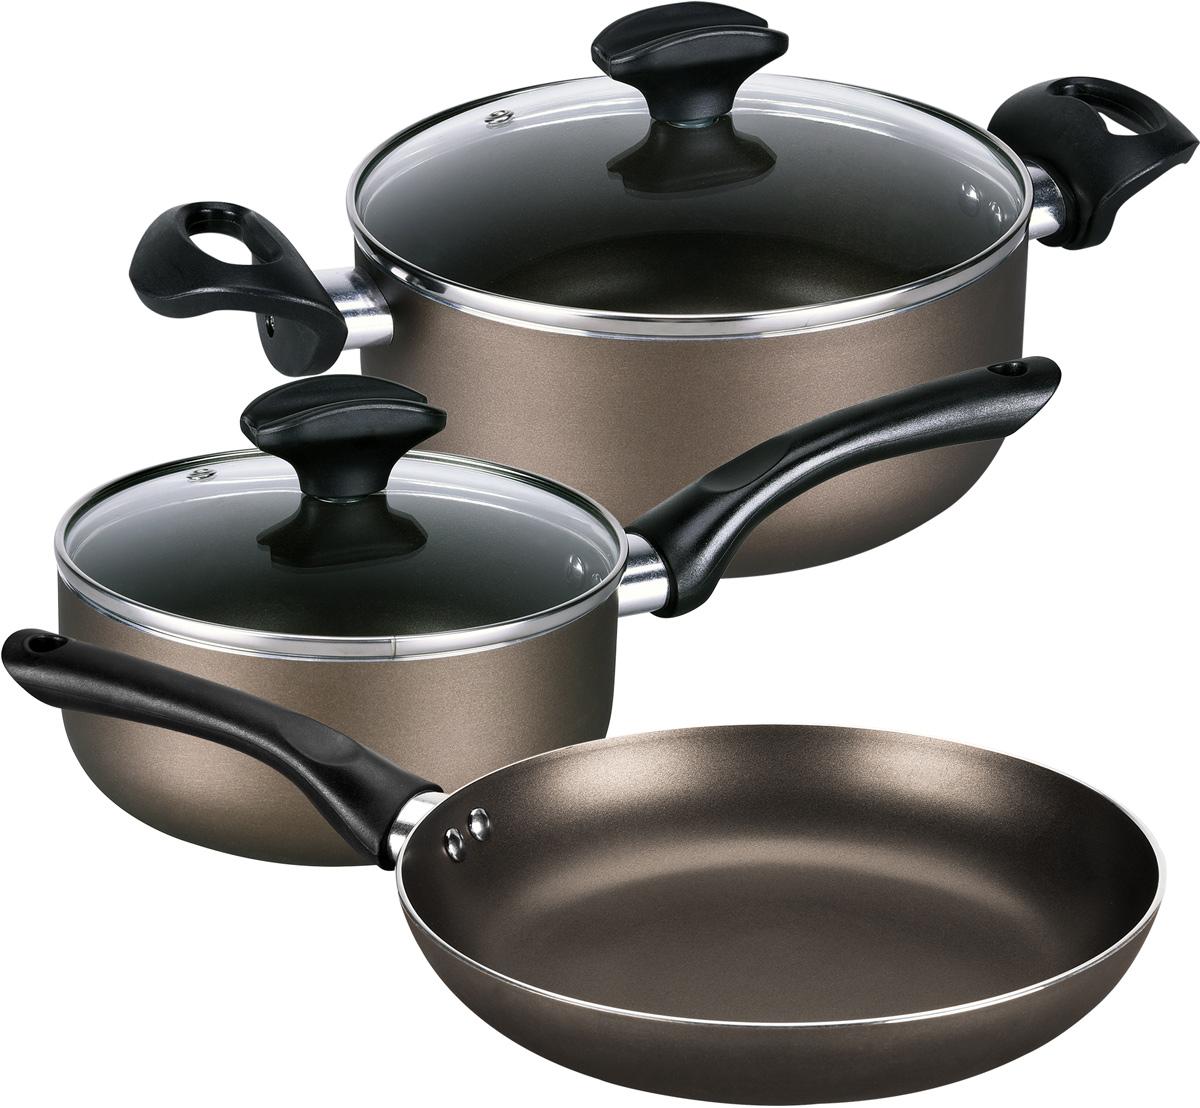 Набор посуды Polaris Cher-05S, с антипригарным покрытием, 5 предметовCher-05SНабор посуды Polaris Cher-05S с антипригарным покрытием, состоящий из кастрюли, ковша и сковороды, отлично подойдет для приготовления низкокалорийных блюд без добавления масла или жира на любых типах поверхностей плит, за исключением индукционных панелей. Предметы изготовлены из высококачественного алюминия, что обеспечивает длительный срок эксплуатации. Кастрюля и ковш оснащены крышками из жаропрочного стекла с отверстием для выпуска пара. Эргономичные ручки с покрытием Soft Touch не нагреваются и не скользят.В наборе:- Сковорода диаметром 24 см (без крышки);- Кастрюля объемом 2,8 л (с крышкой);- Ковш объемом 1,4 л (с крышкой).